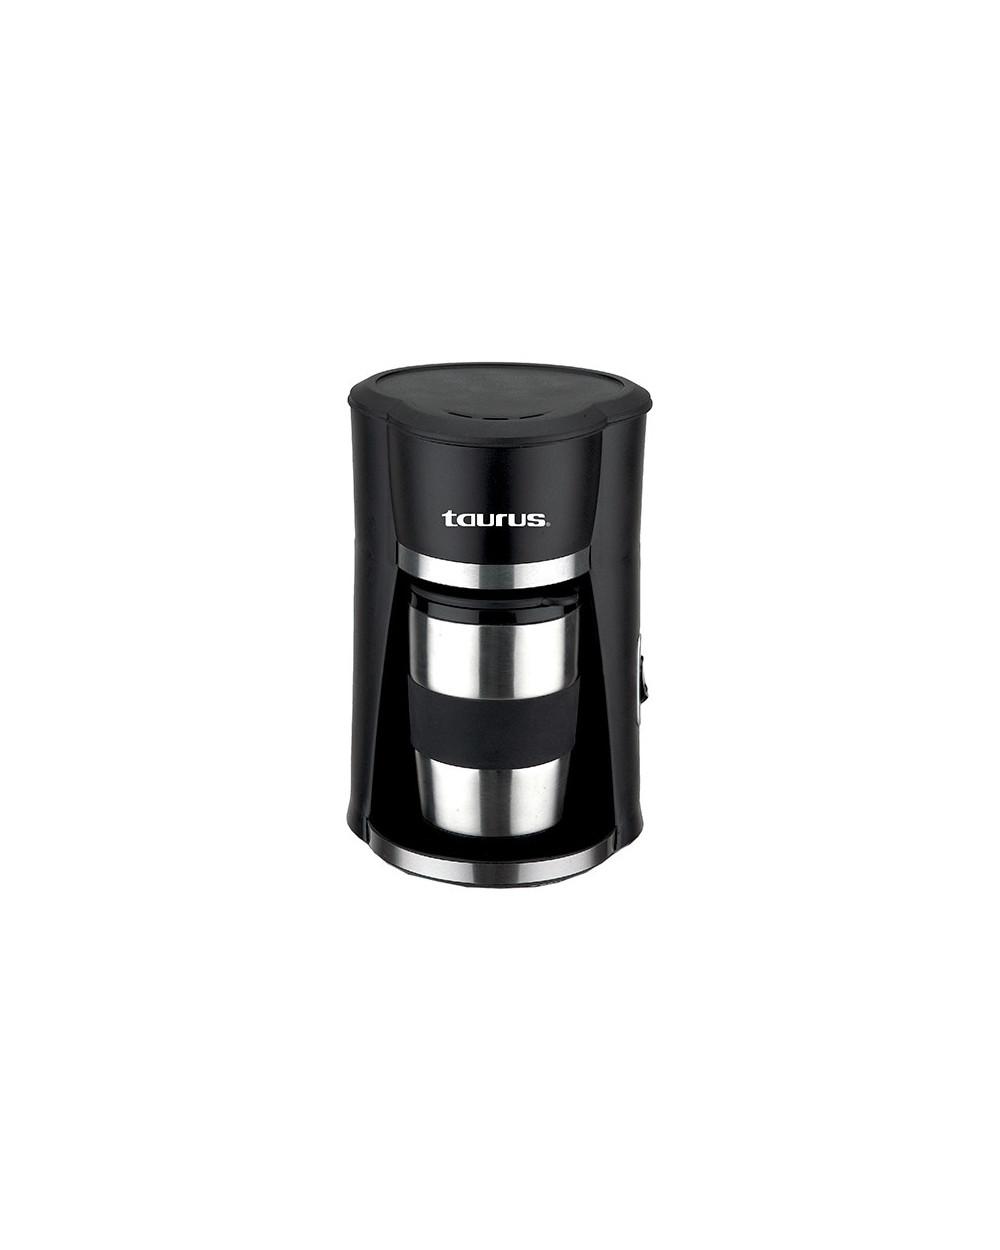 Taurus Cafetera Drip&Take Personal